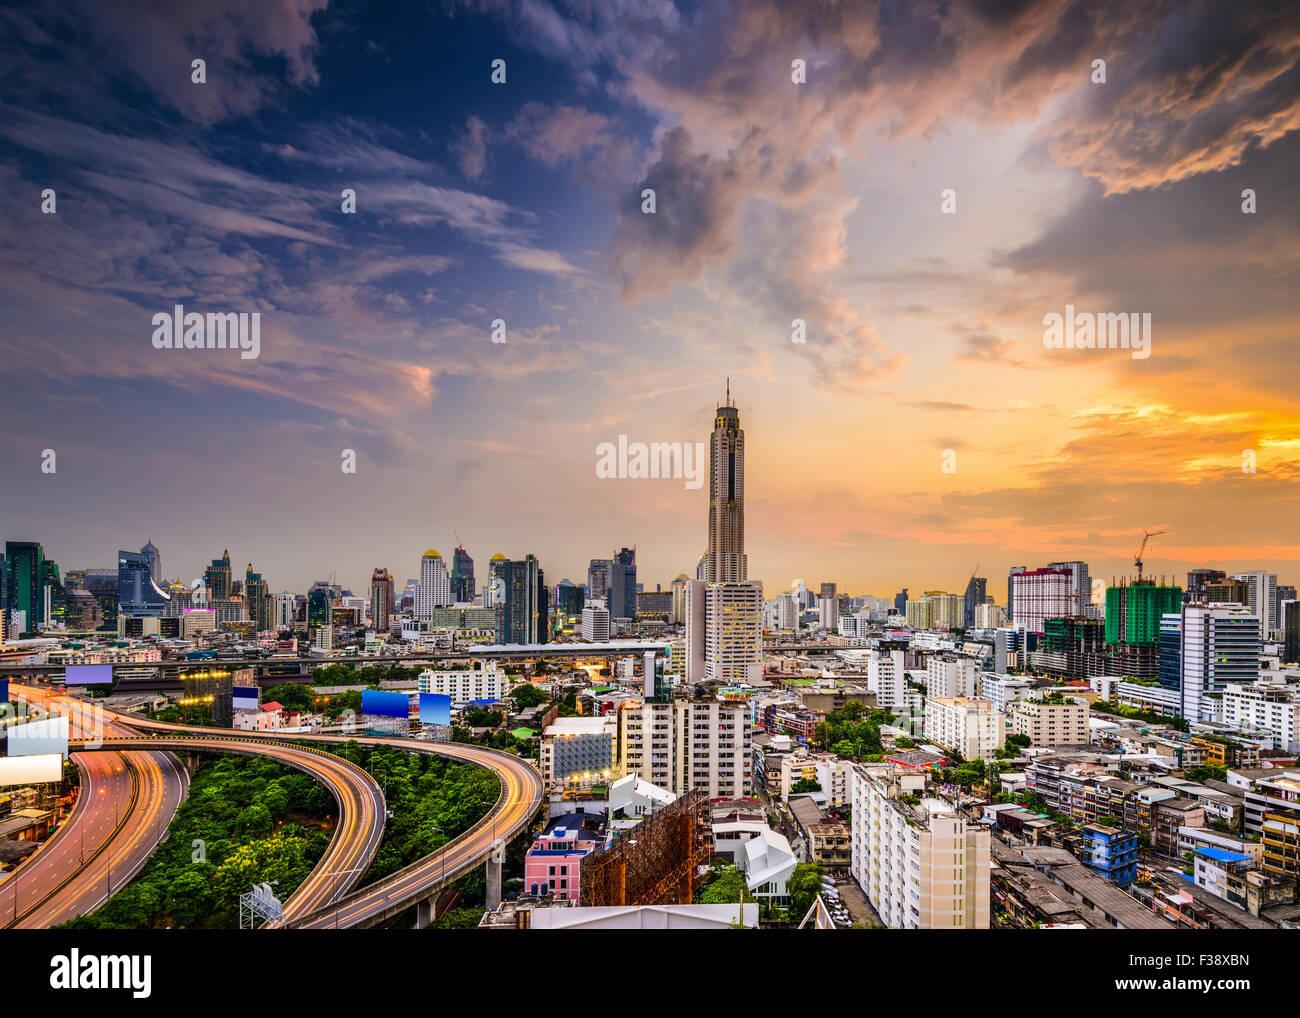 Skyline von Bangkok, Thailand der Bezirk Ratchathewi. Stockbild